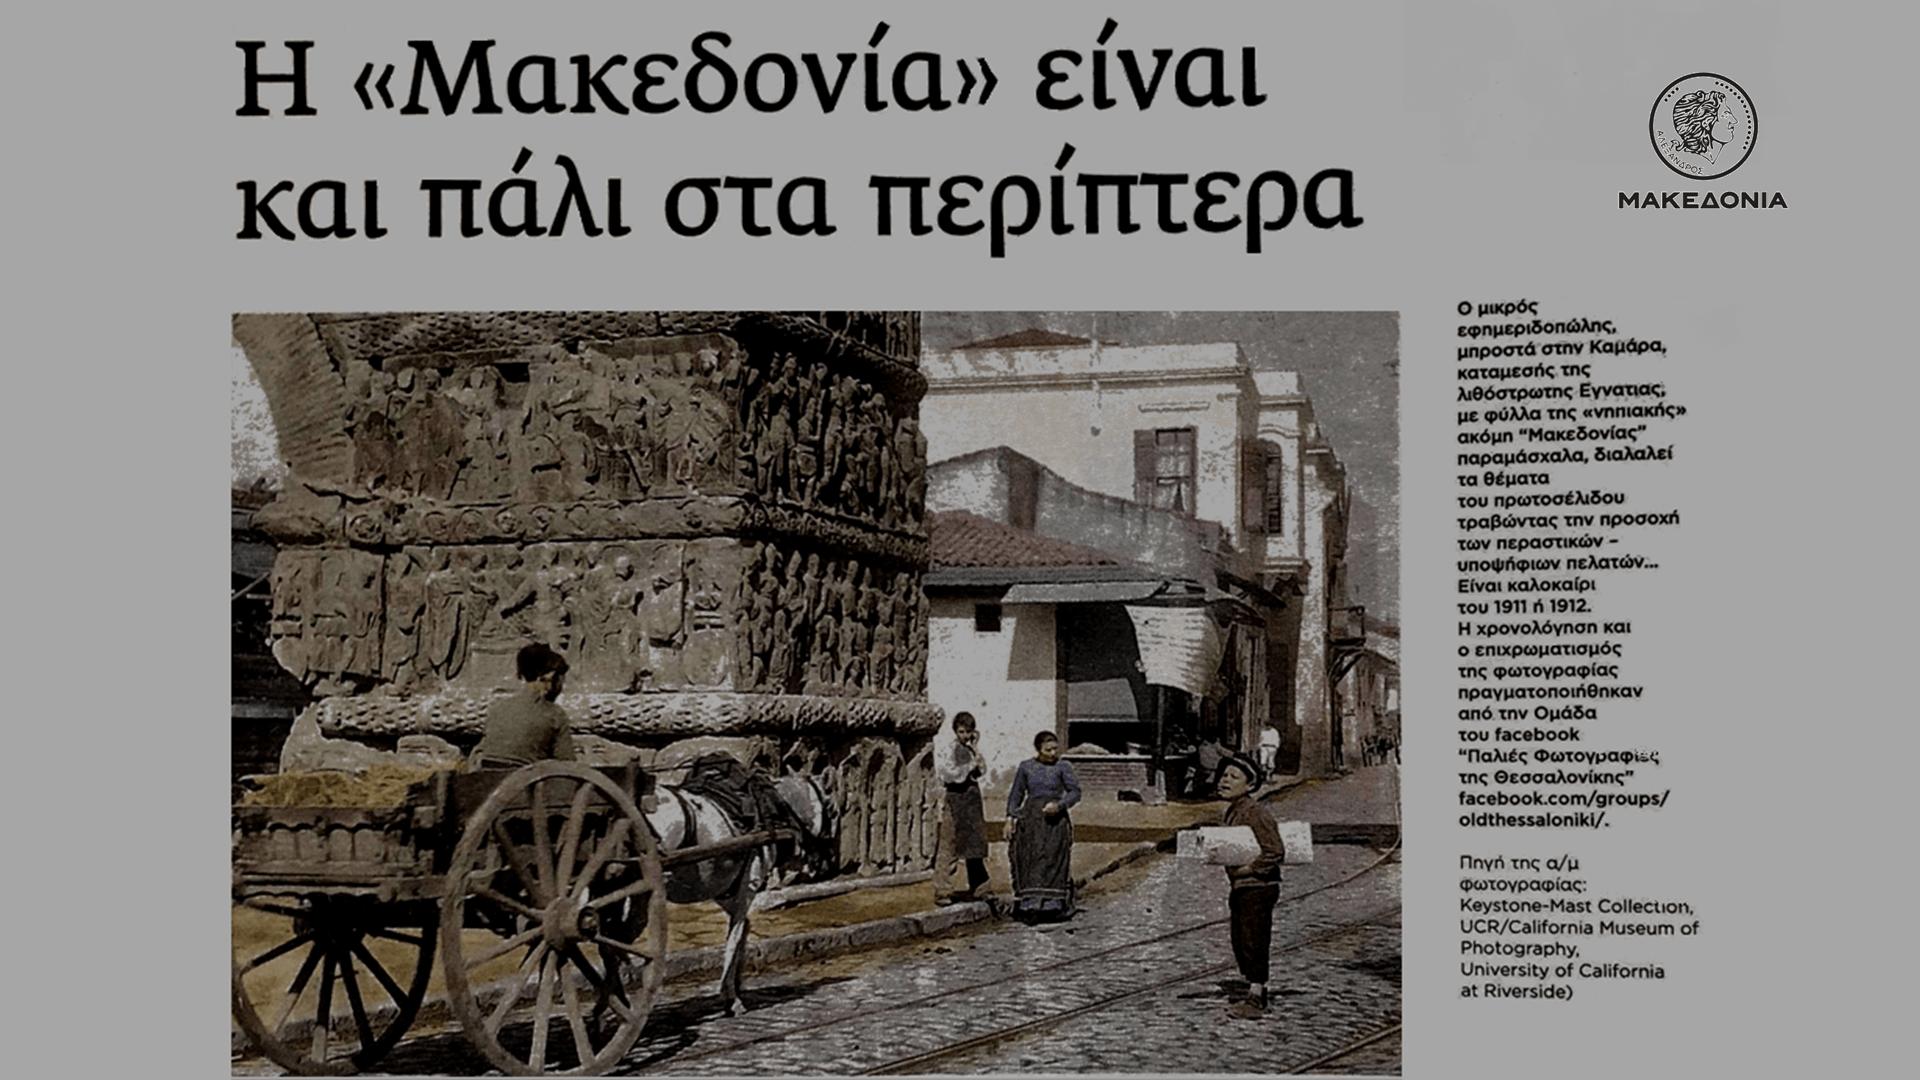 εφημερίδα μακεδονια στα περιπτερα